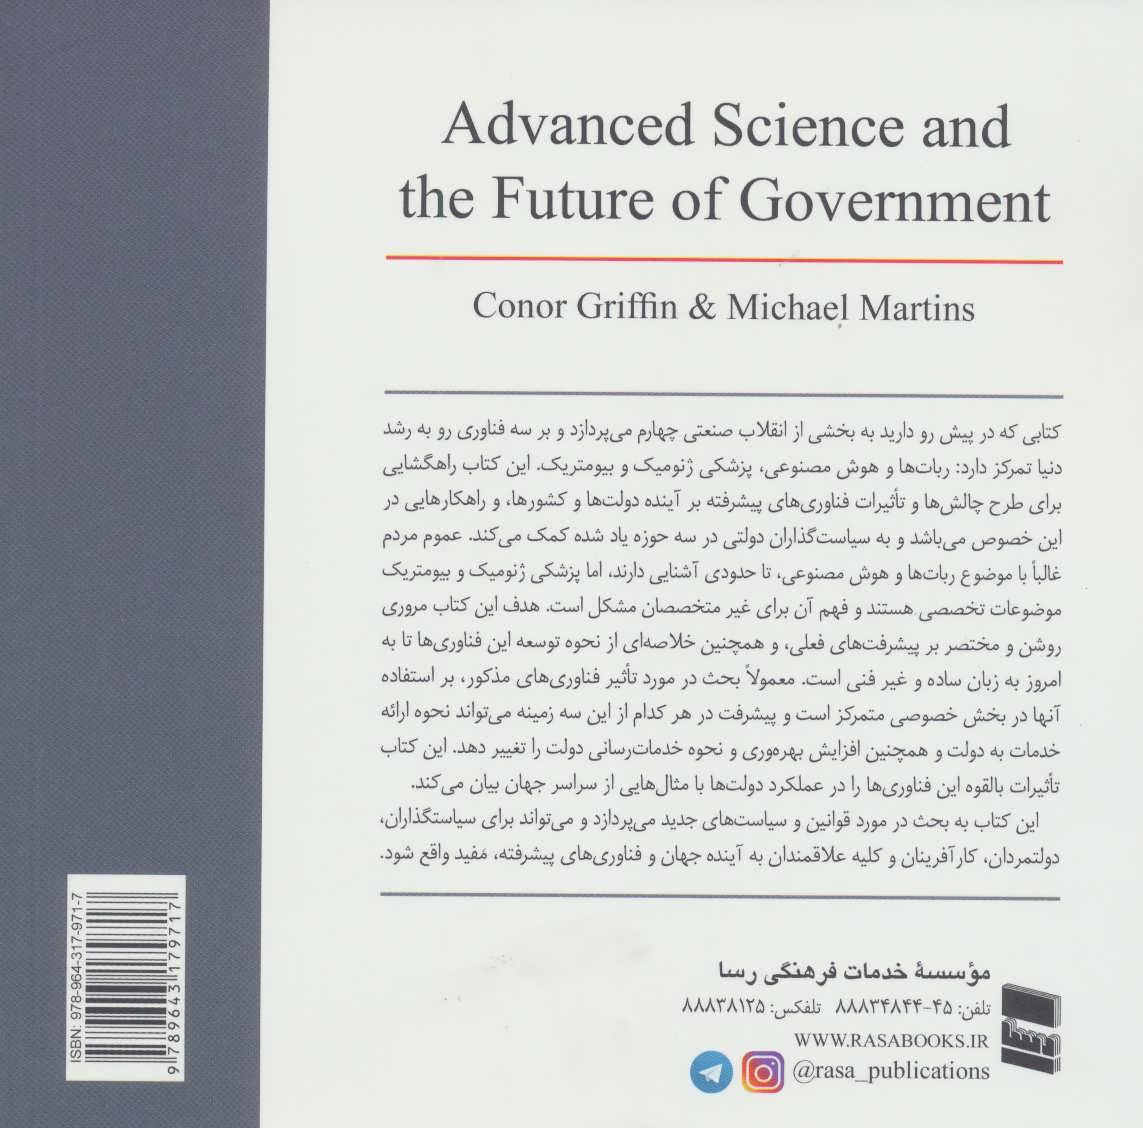 تاثیر فناوری های پیشرفته بر آینده دولت ها و کشورها